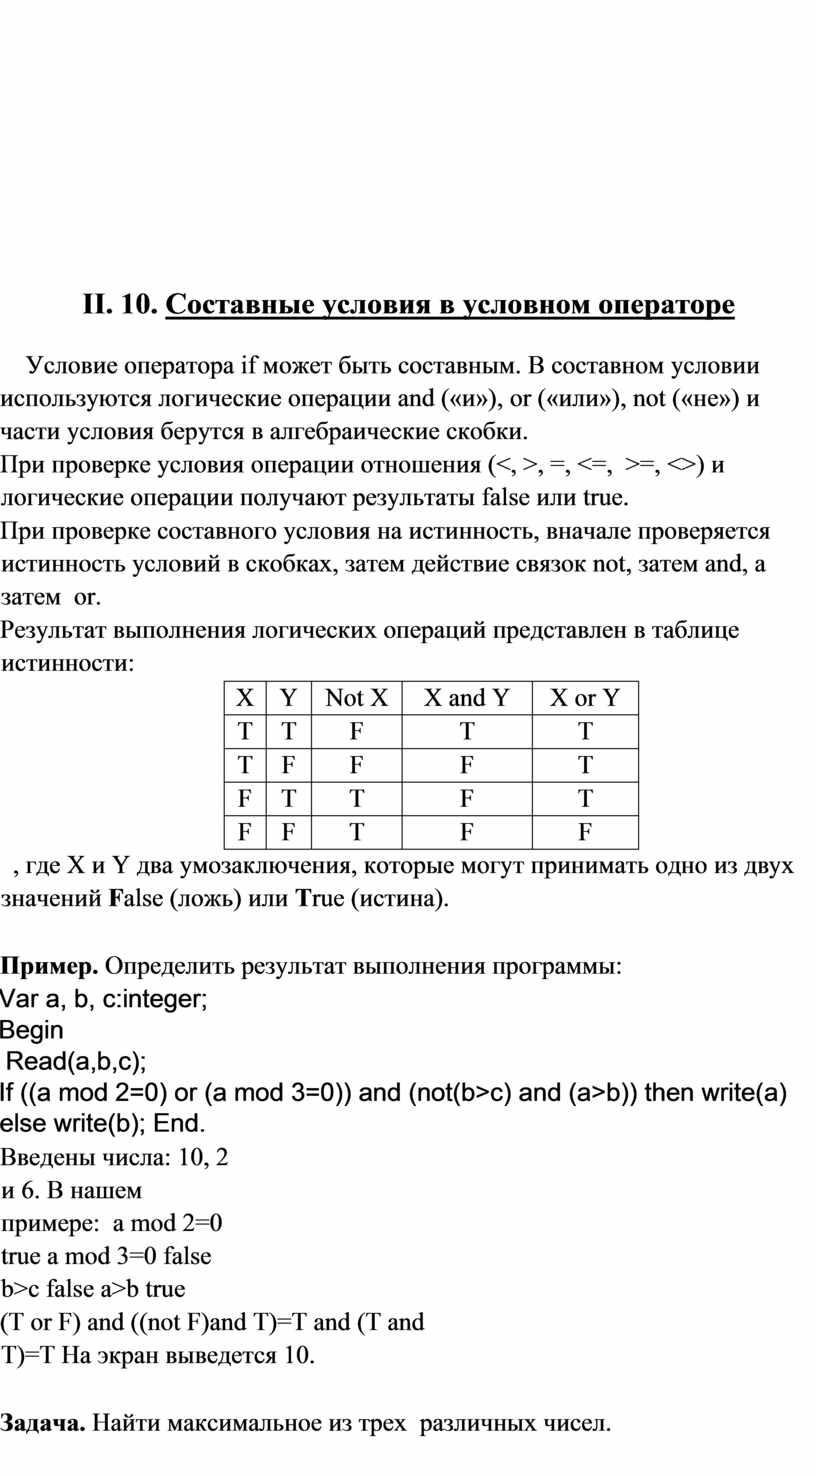 II. 10. Составные условия в условном операторе